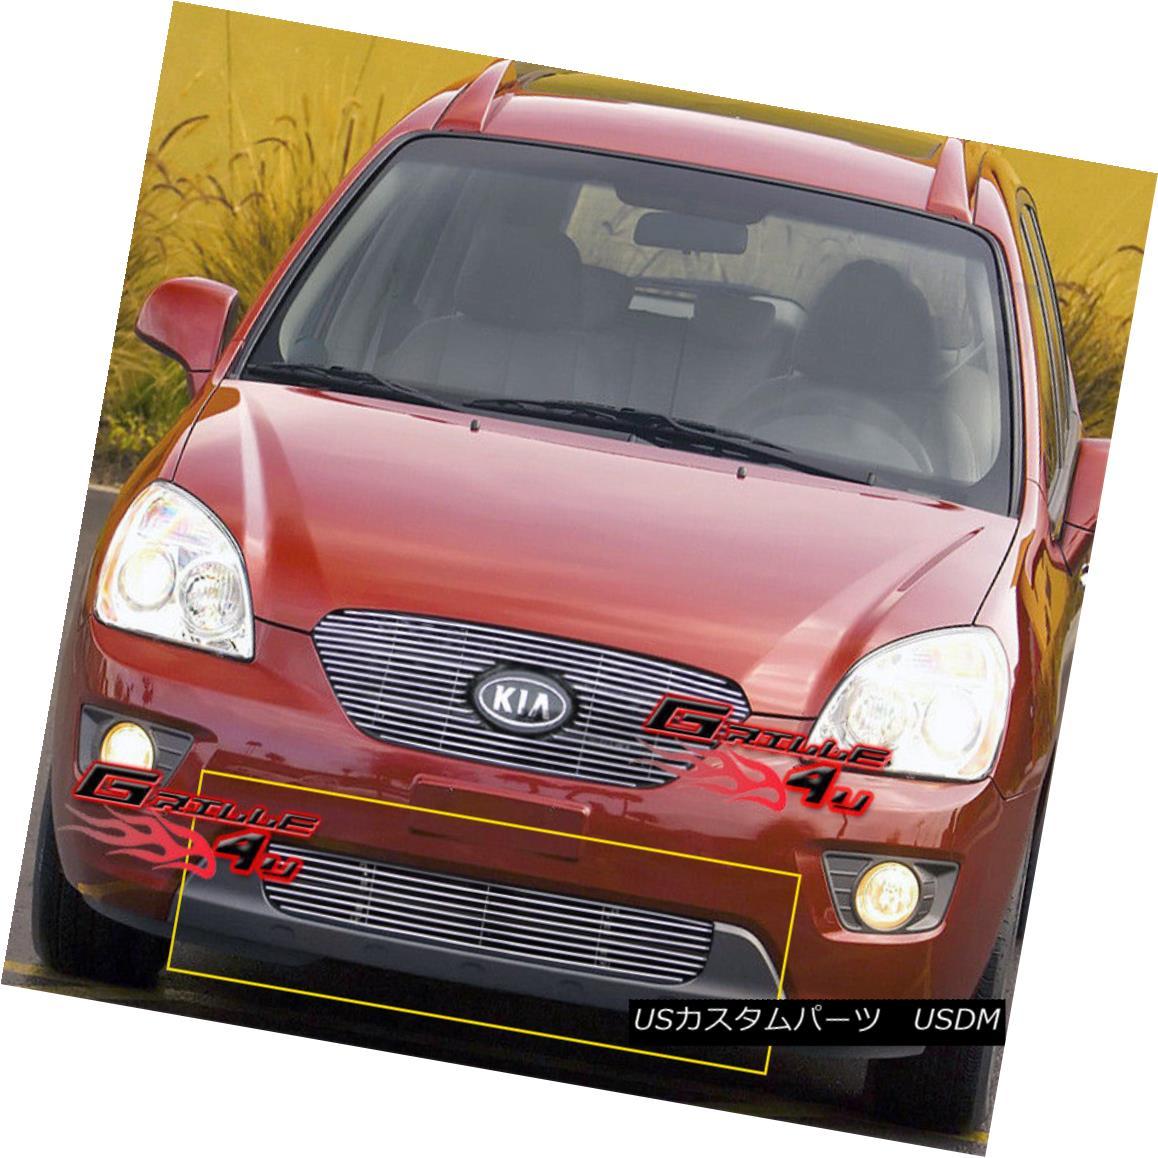 グリル Fits 09-10 Kia Rondo Lower Bumper Billet Grille Grill Insert 09-10 Kia Rondo下部バンパービレットグリルグリルインサートにフィット